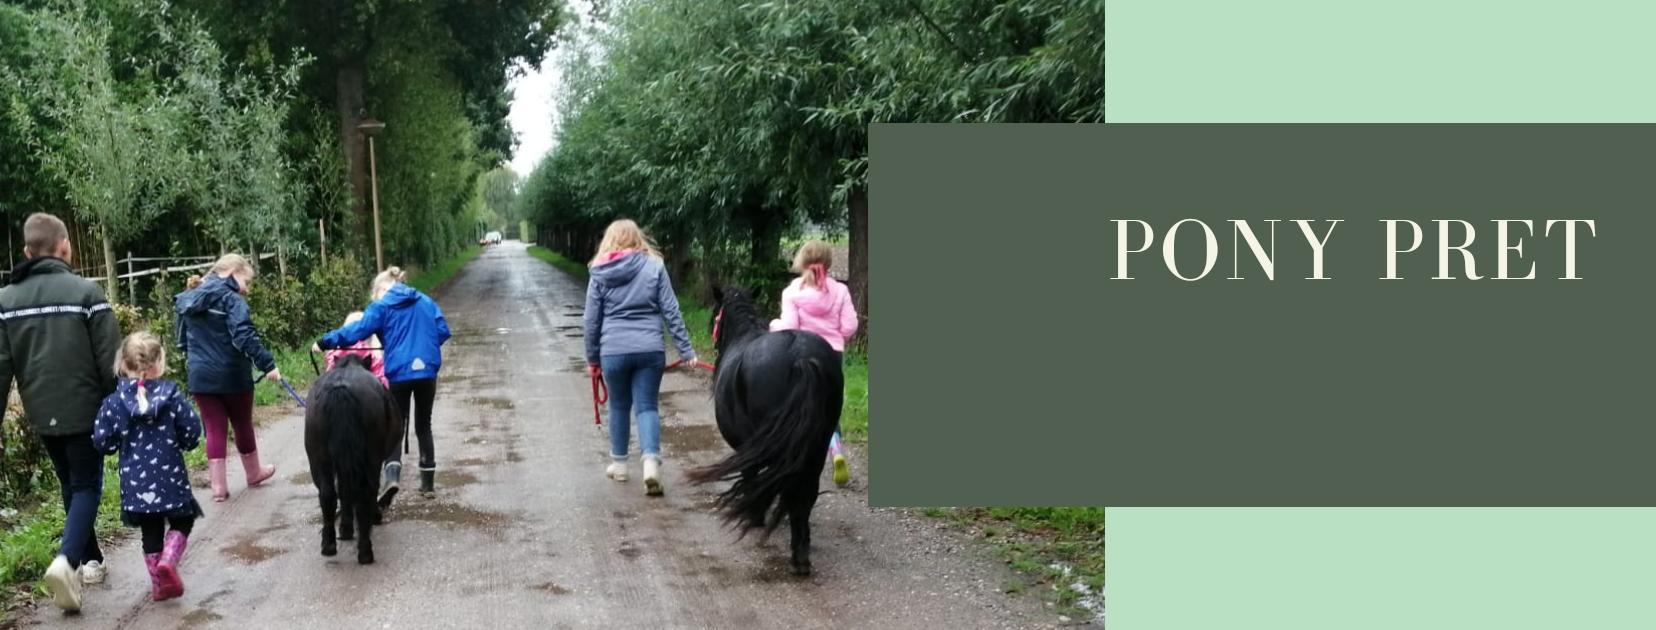 Pony Pret